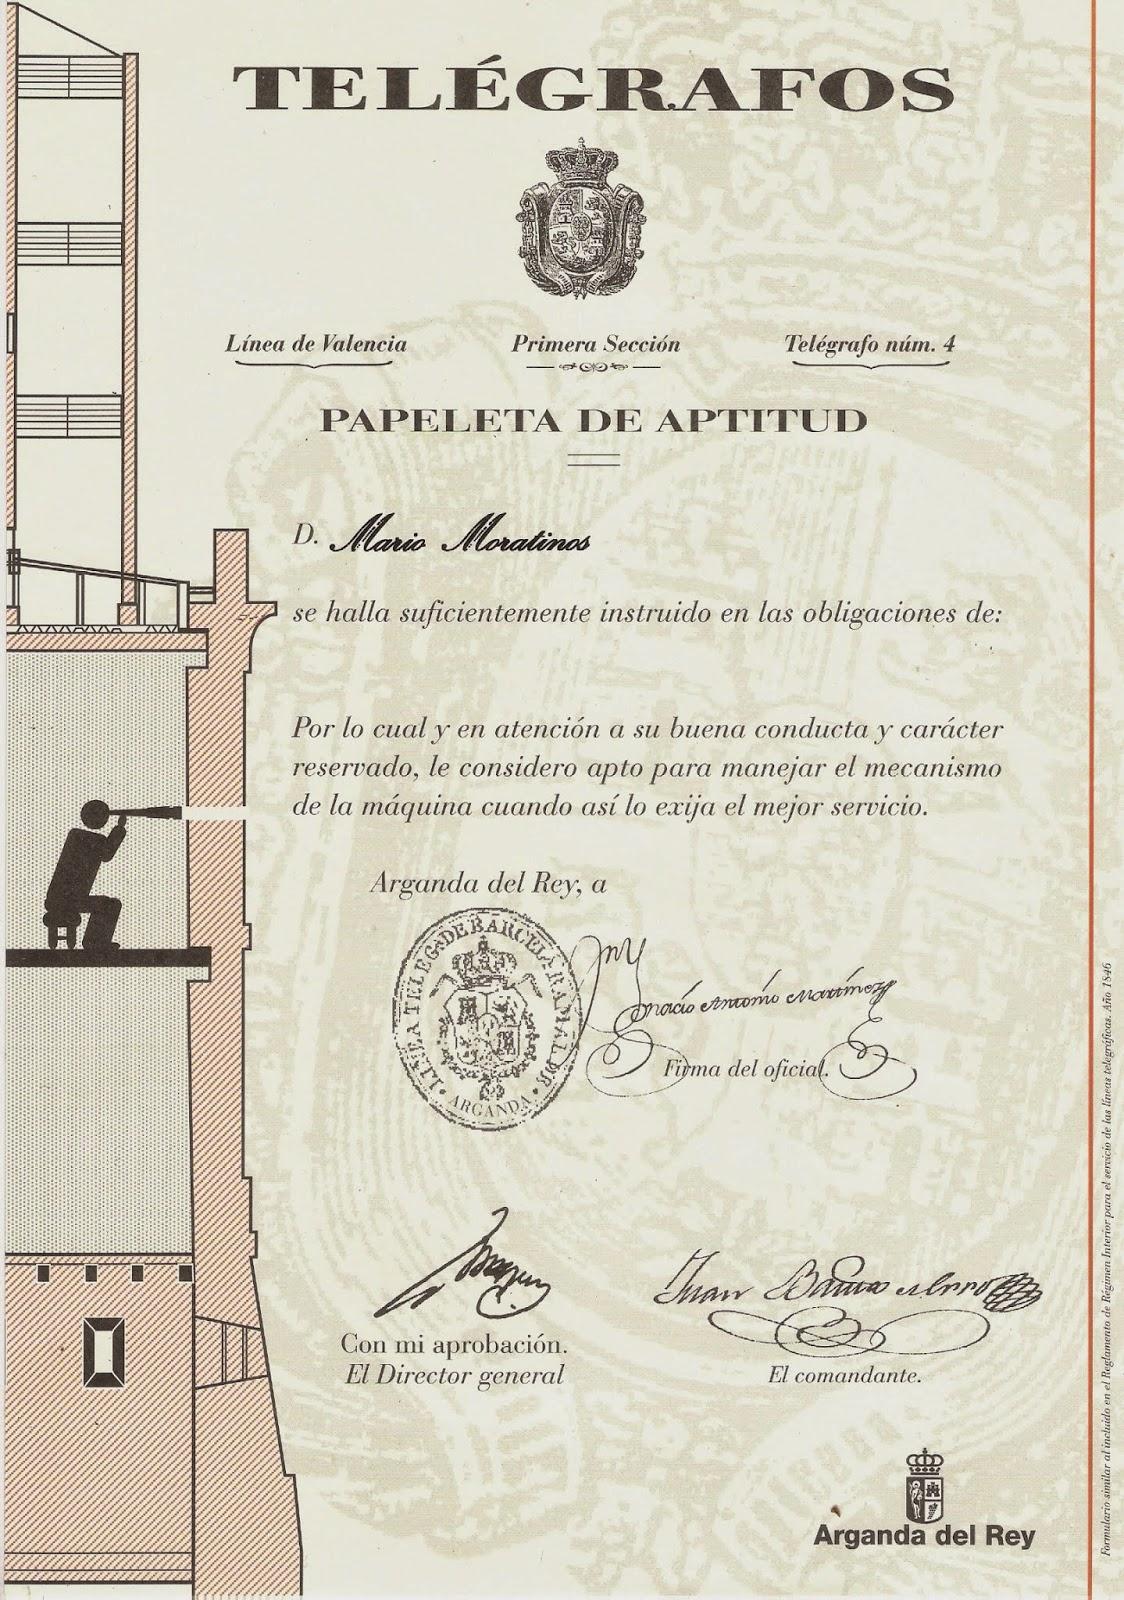 Diploma de torrero en telegrafía óptica